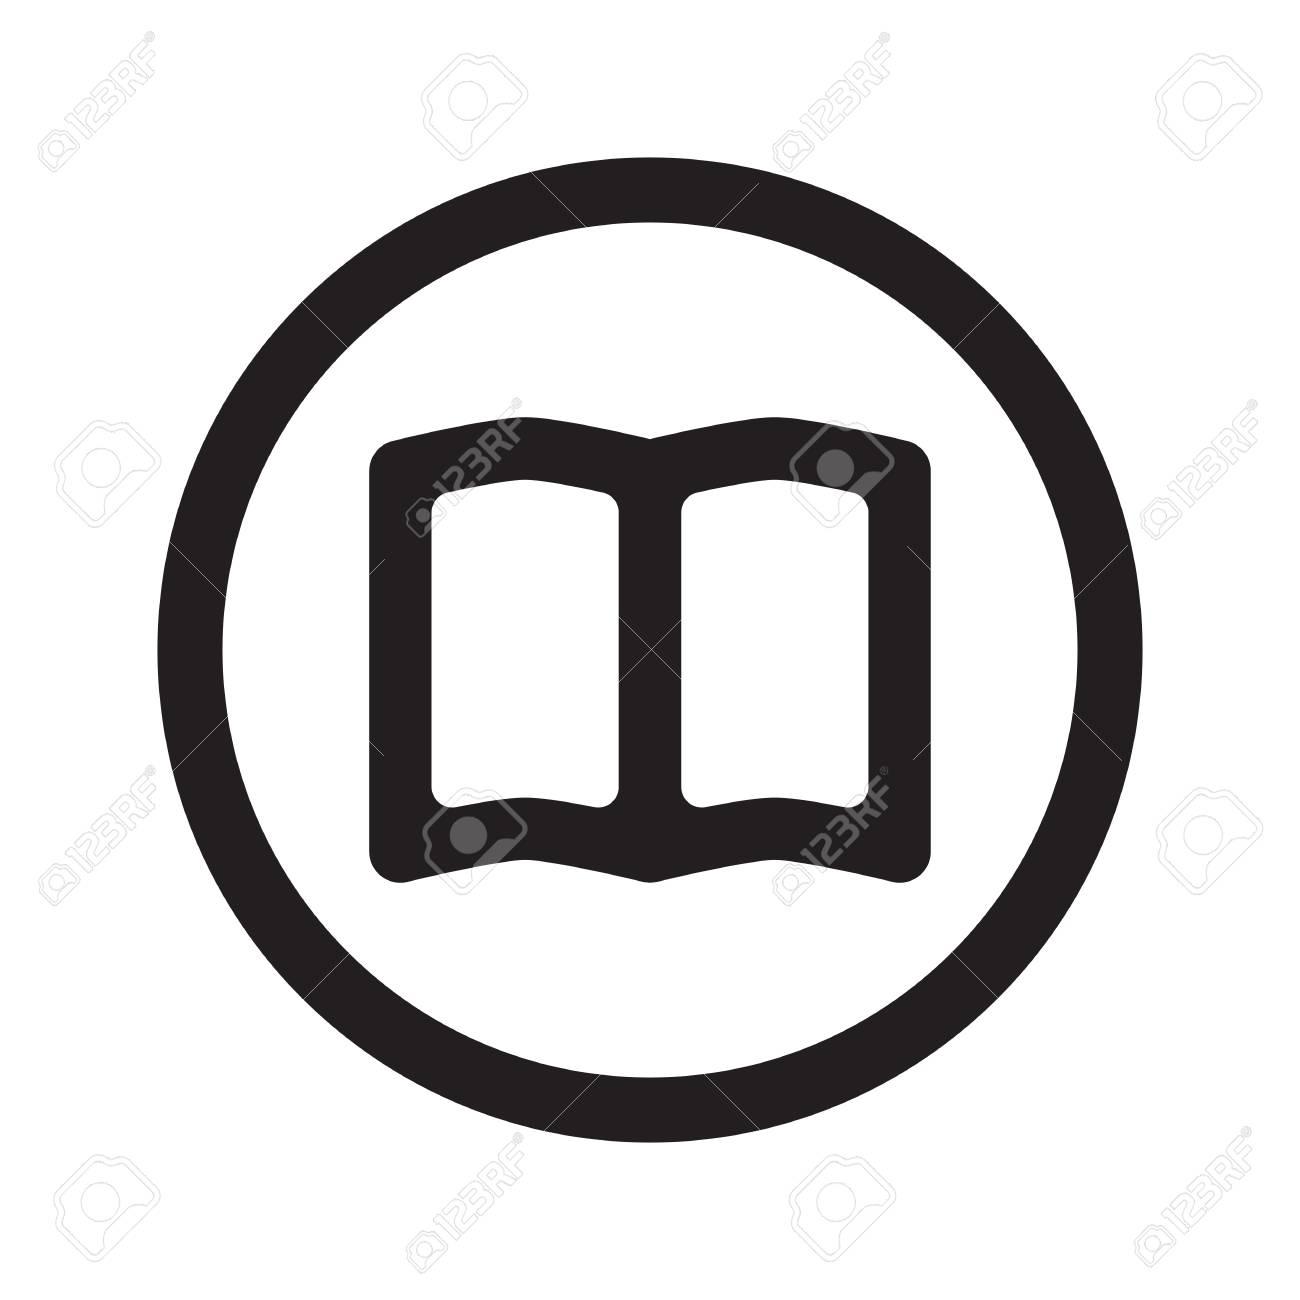 Icone De Livre Noir Plat Livre En Cercle Sur Fond Blanc